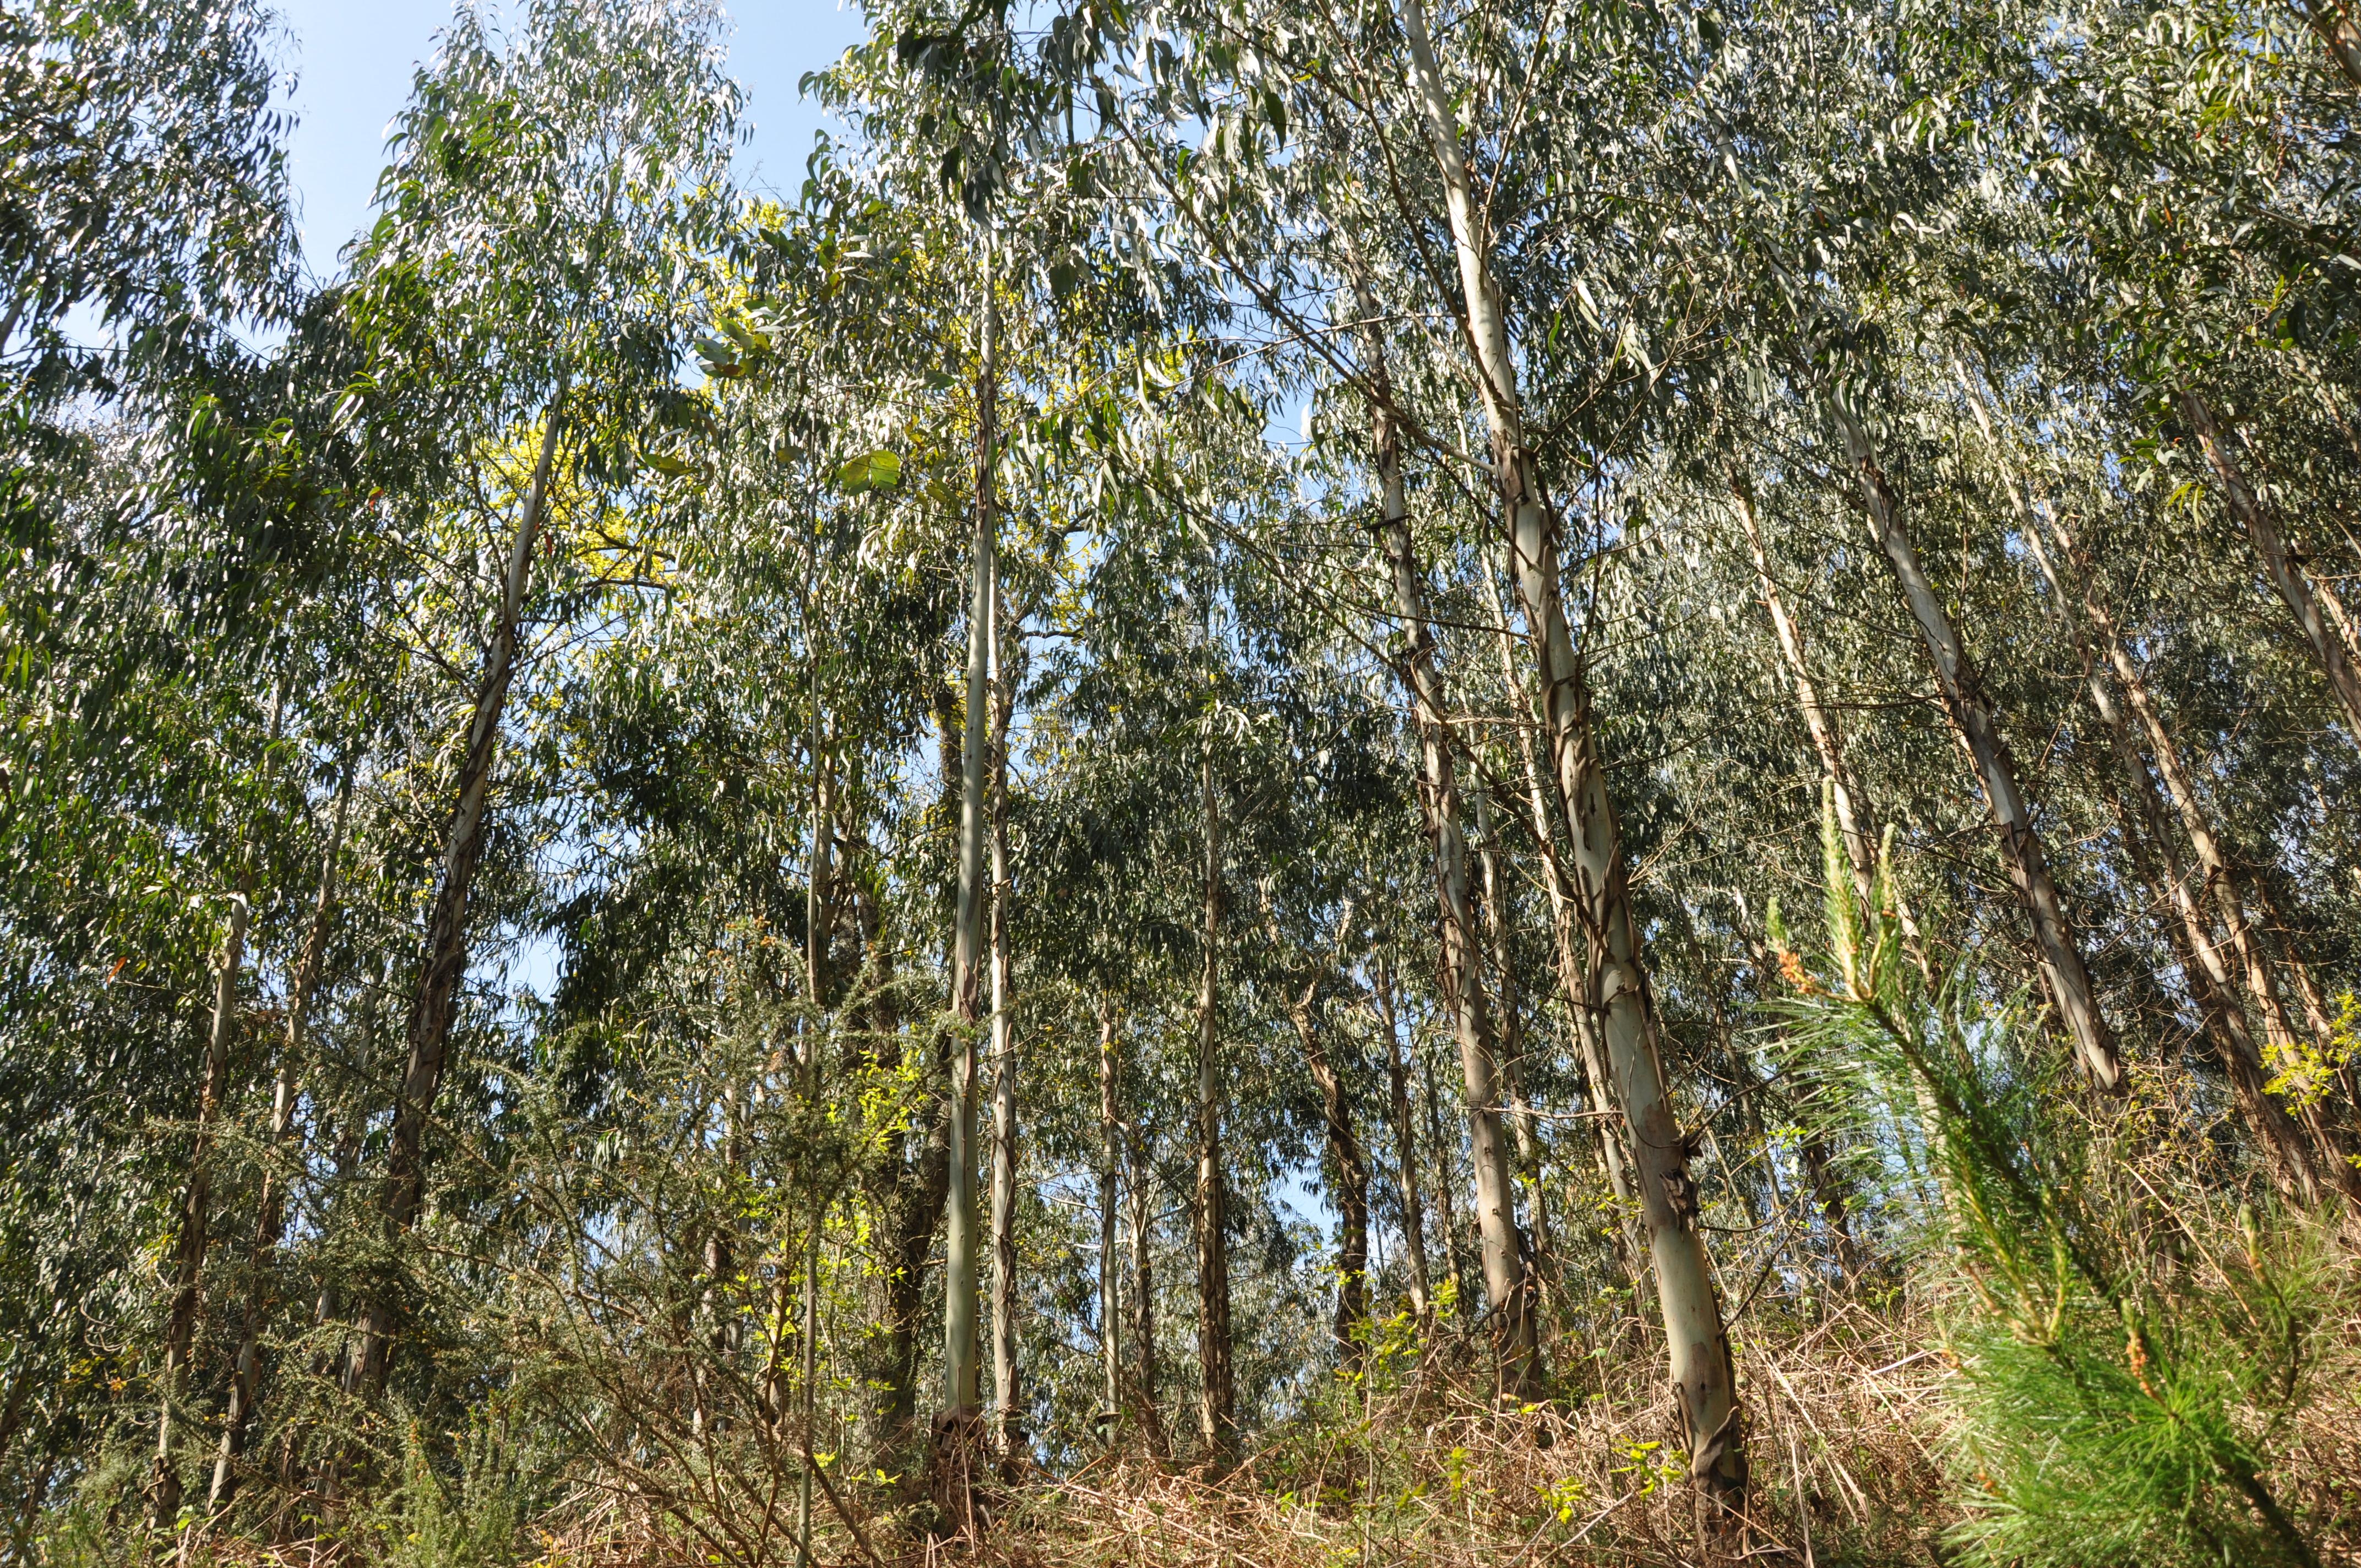 Plantación de eucaliptos en Okondo, Alava. FOTO: Maider Iglesias